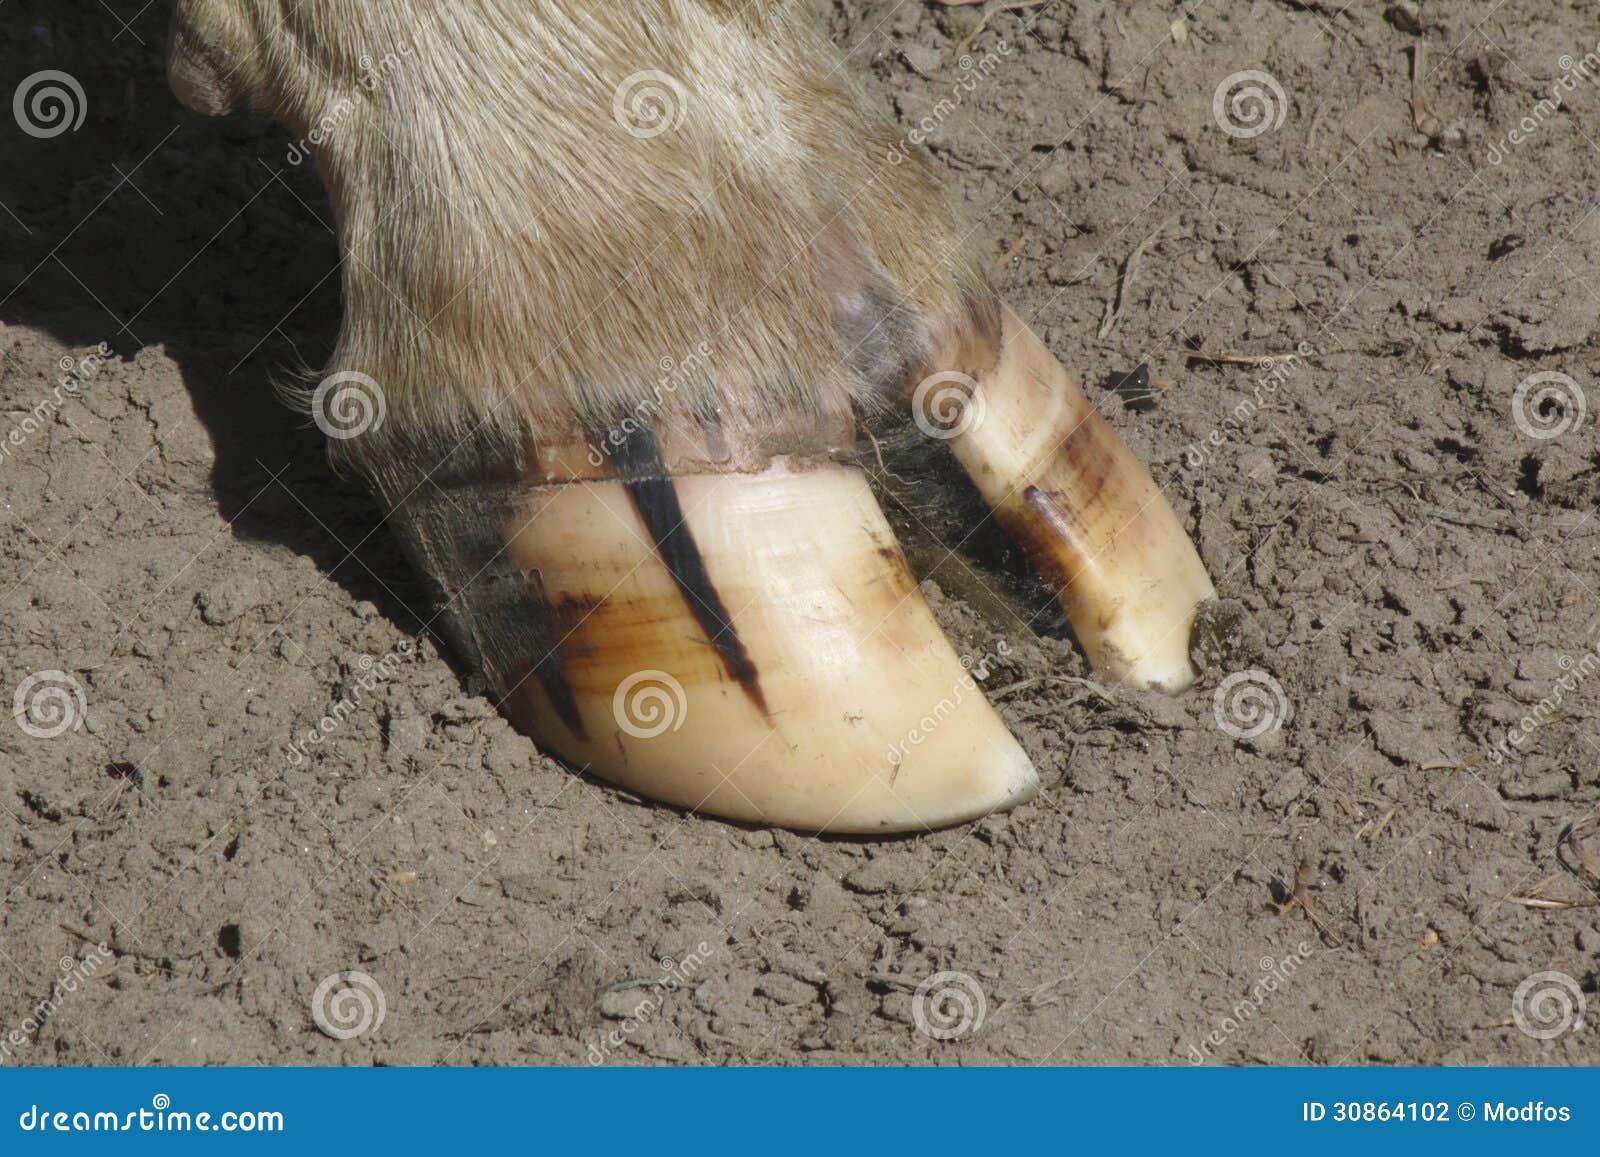 Hoof cows